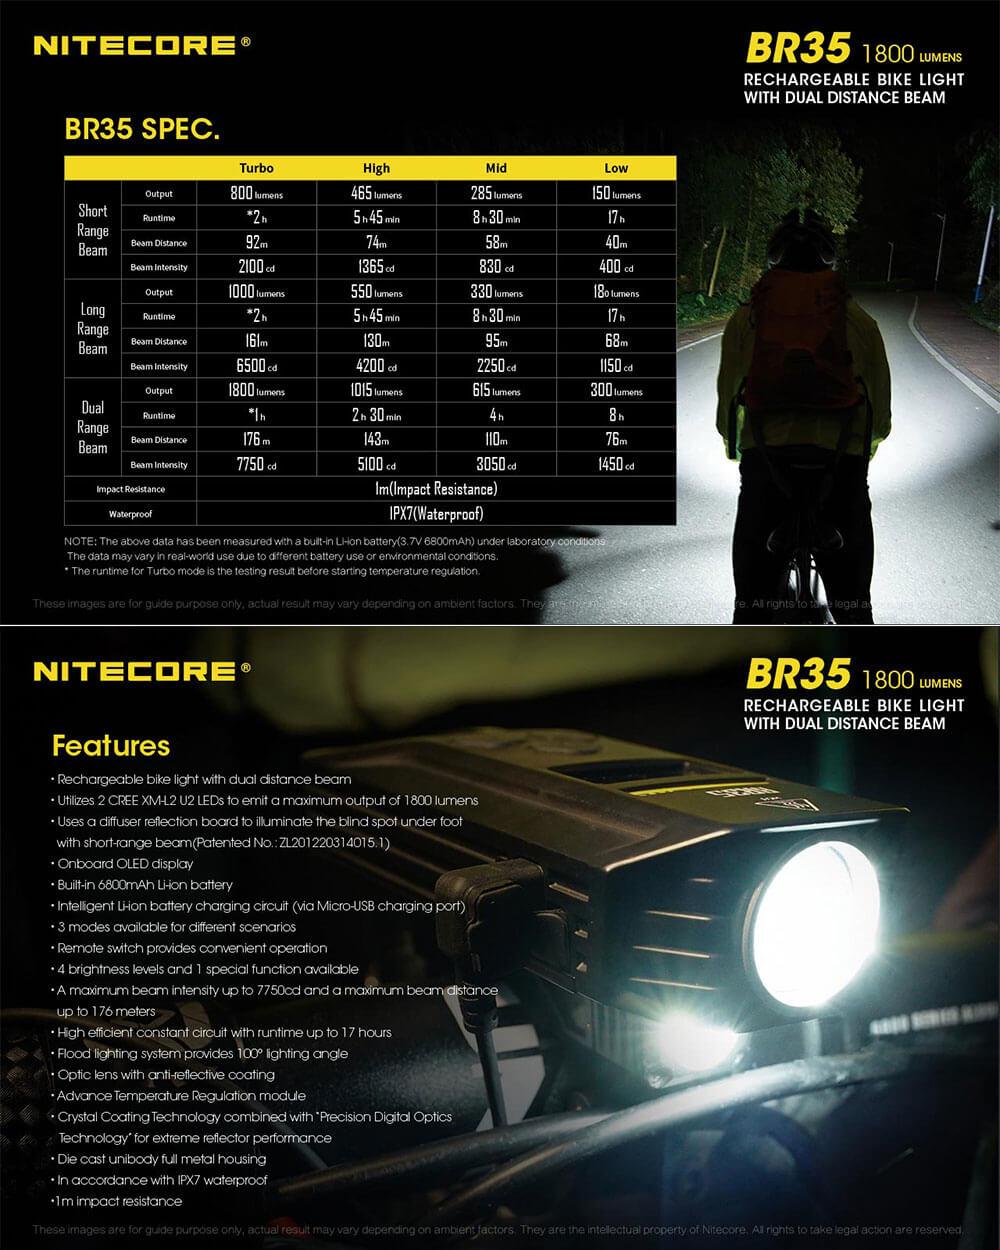 br35 usb bike light